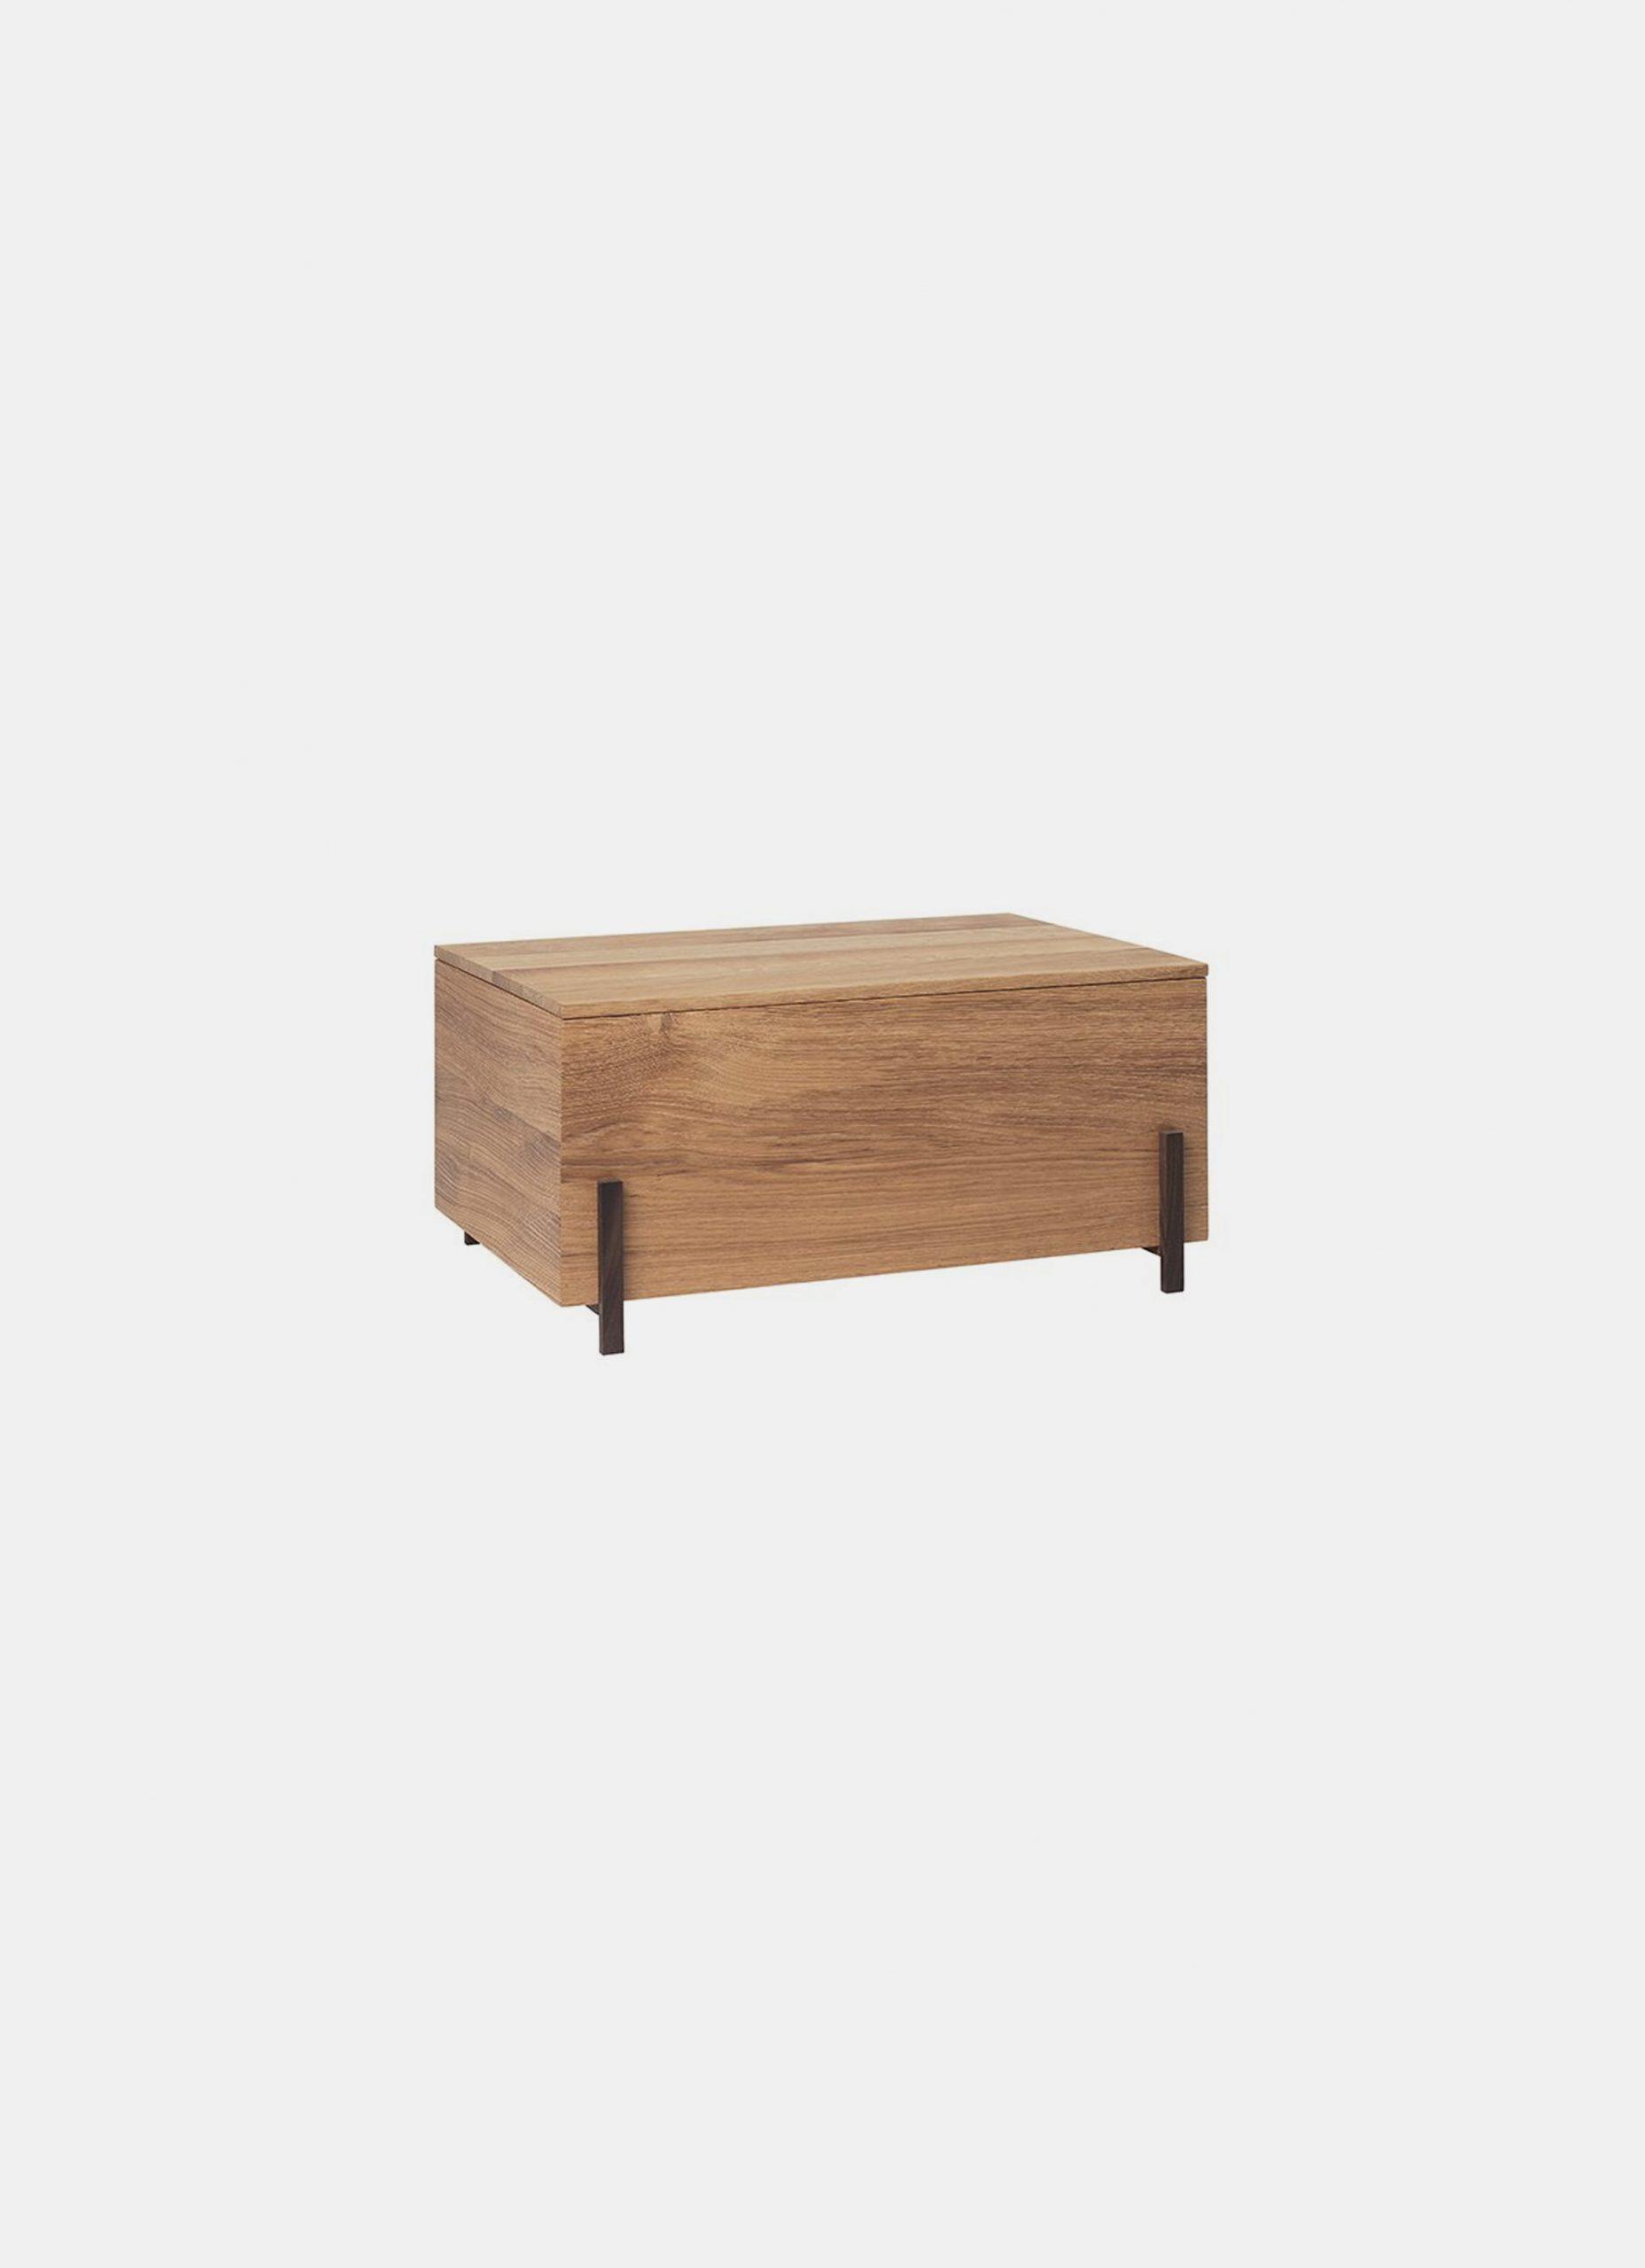 Kristina Dam Studio - Stack Storage Box with lid - single